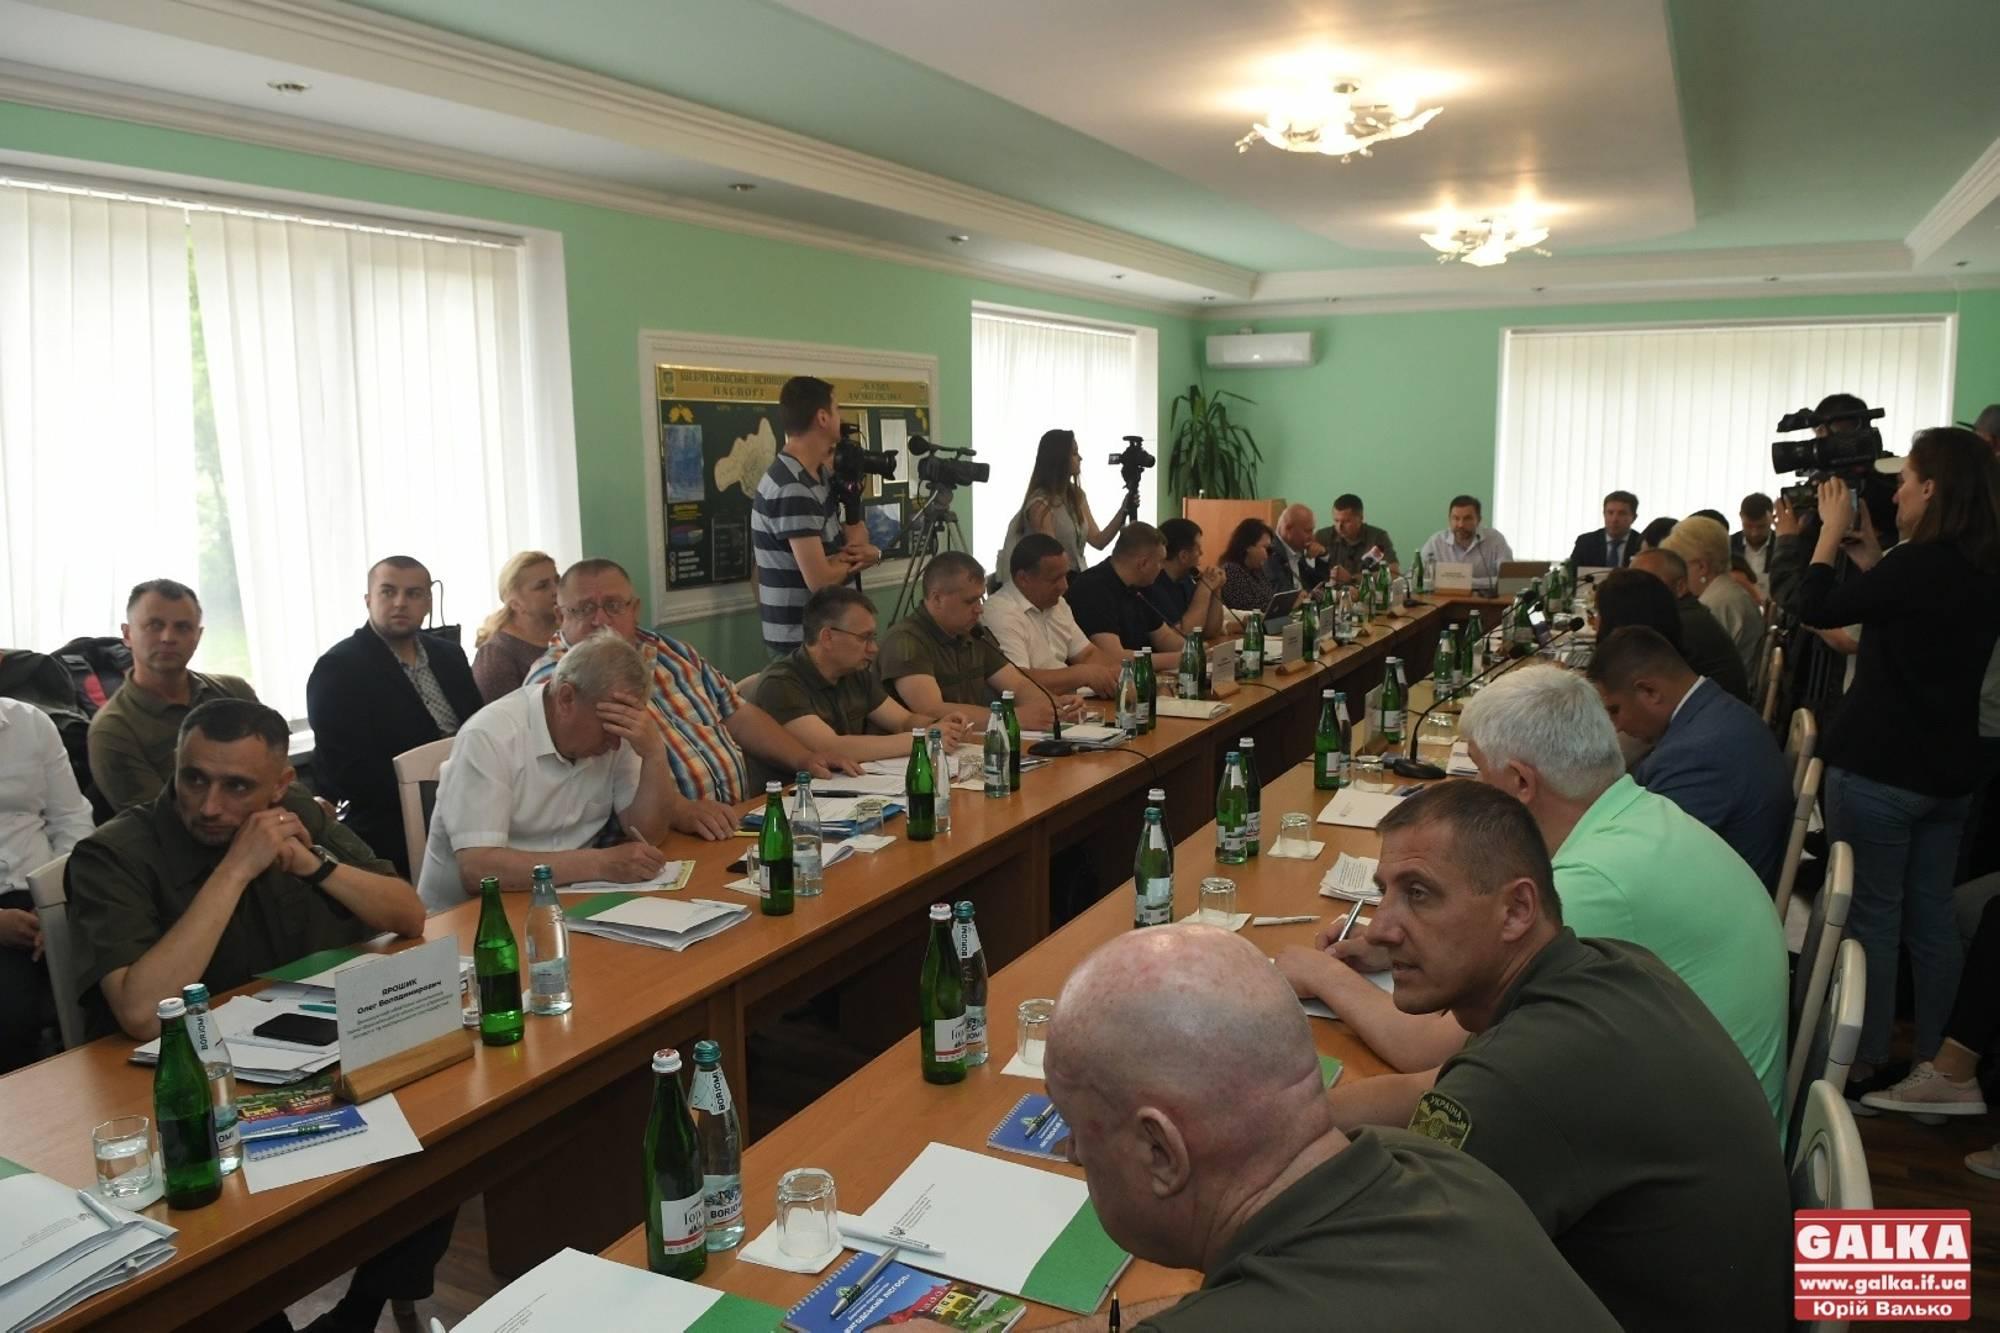 Поступові рубання: у Держлісагентстві розповіли, як планують розширити ліси на Прикарпатті (ФОТО)